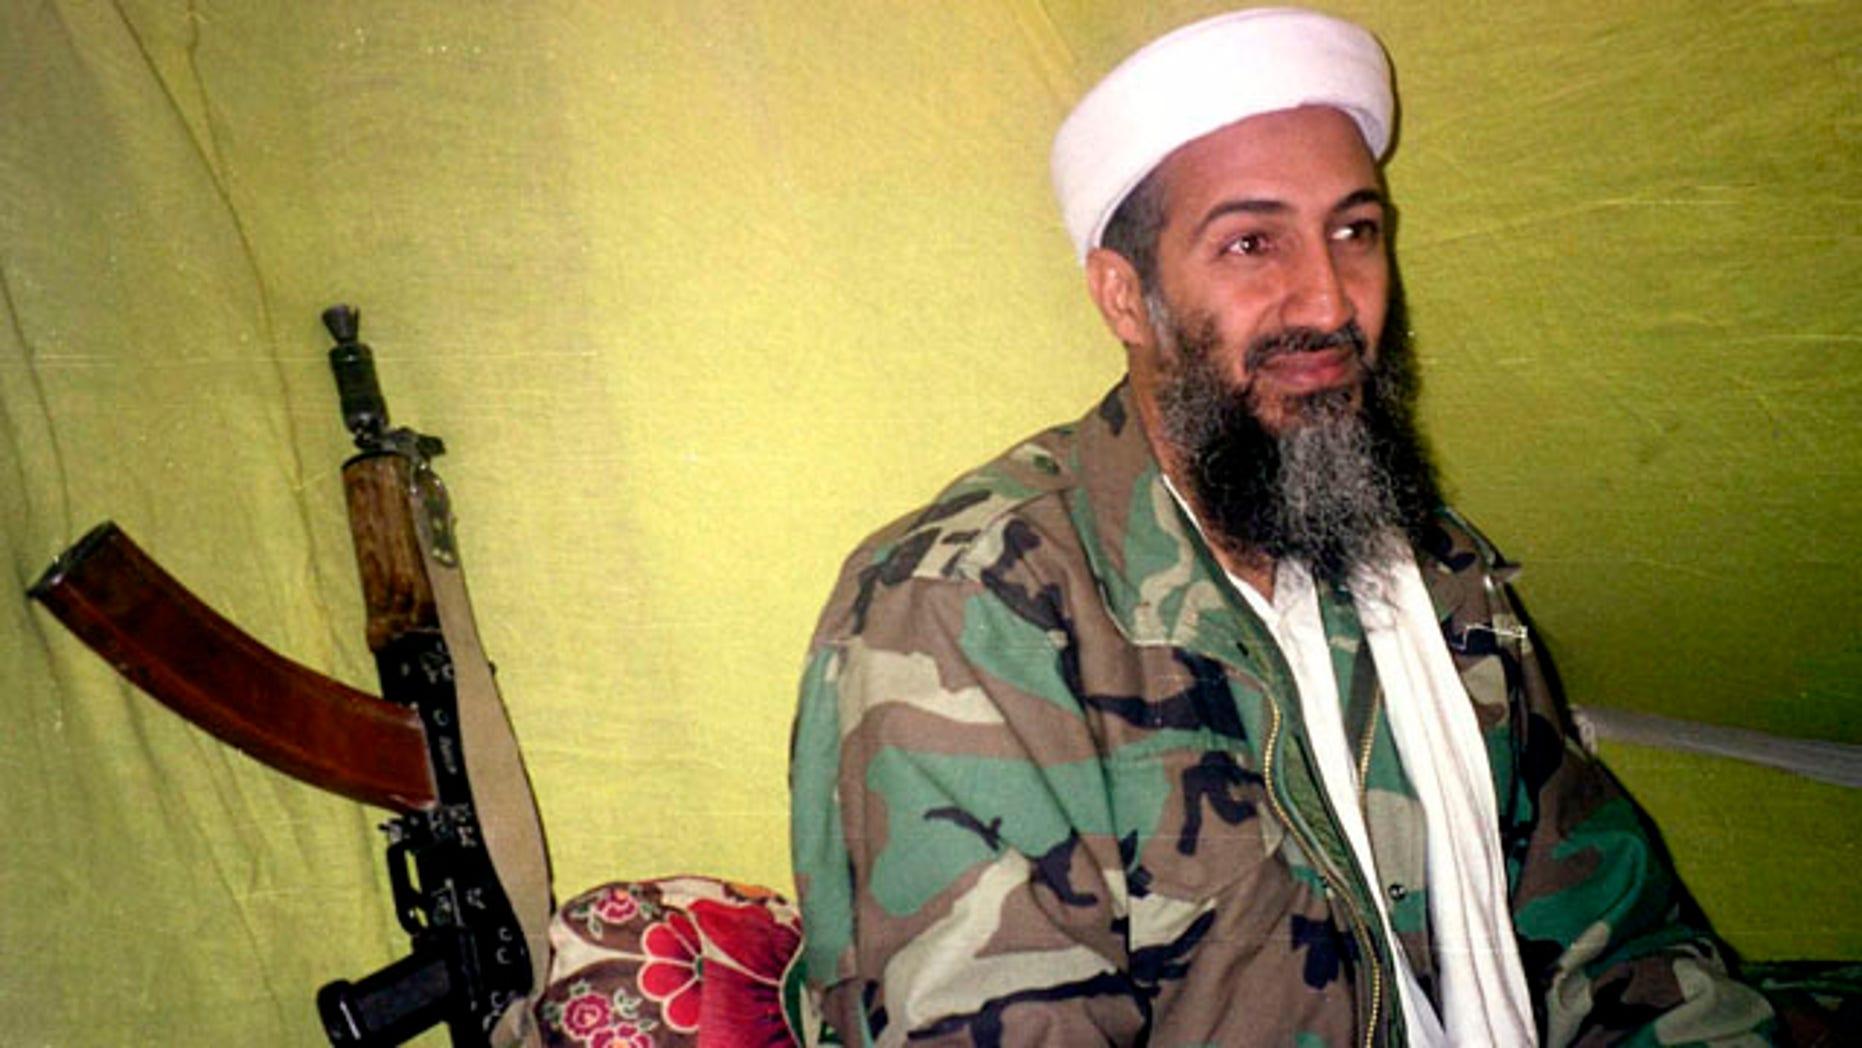 Usama bin Laden is seen in a 1998 file photo.